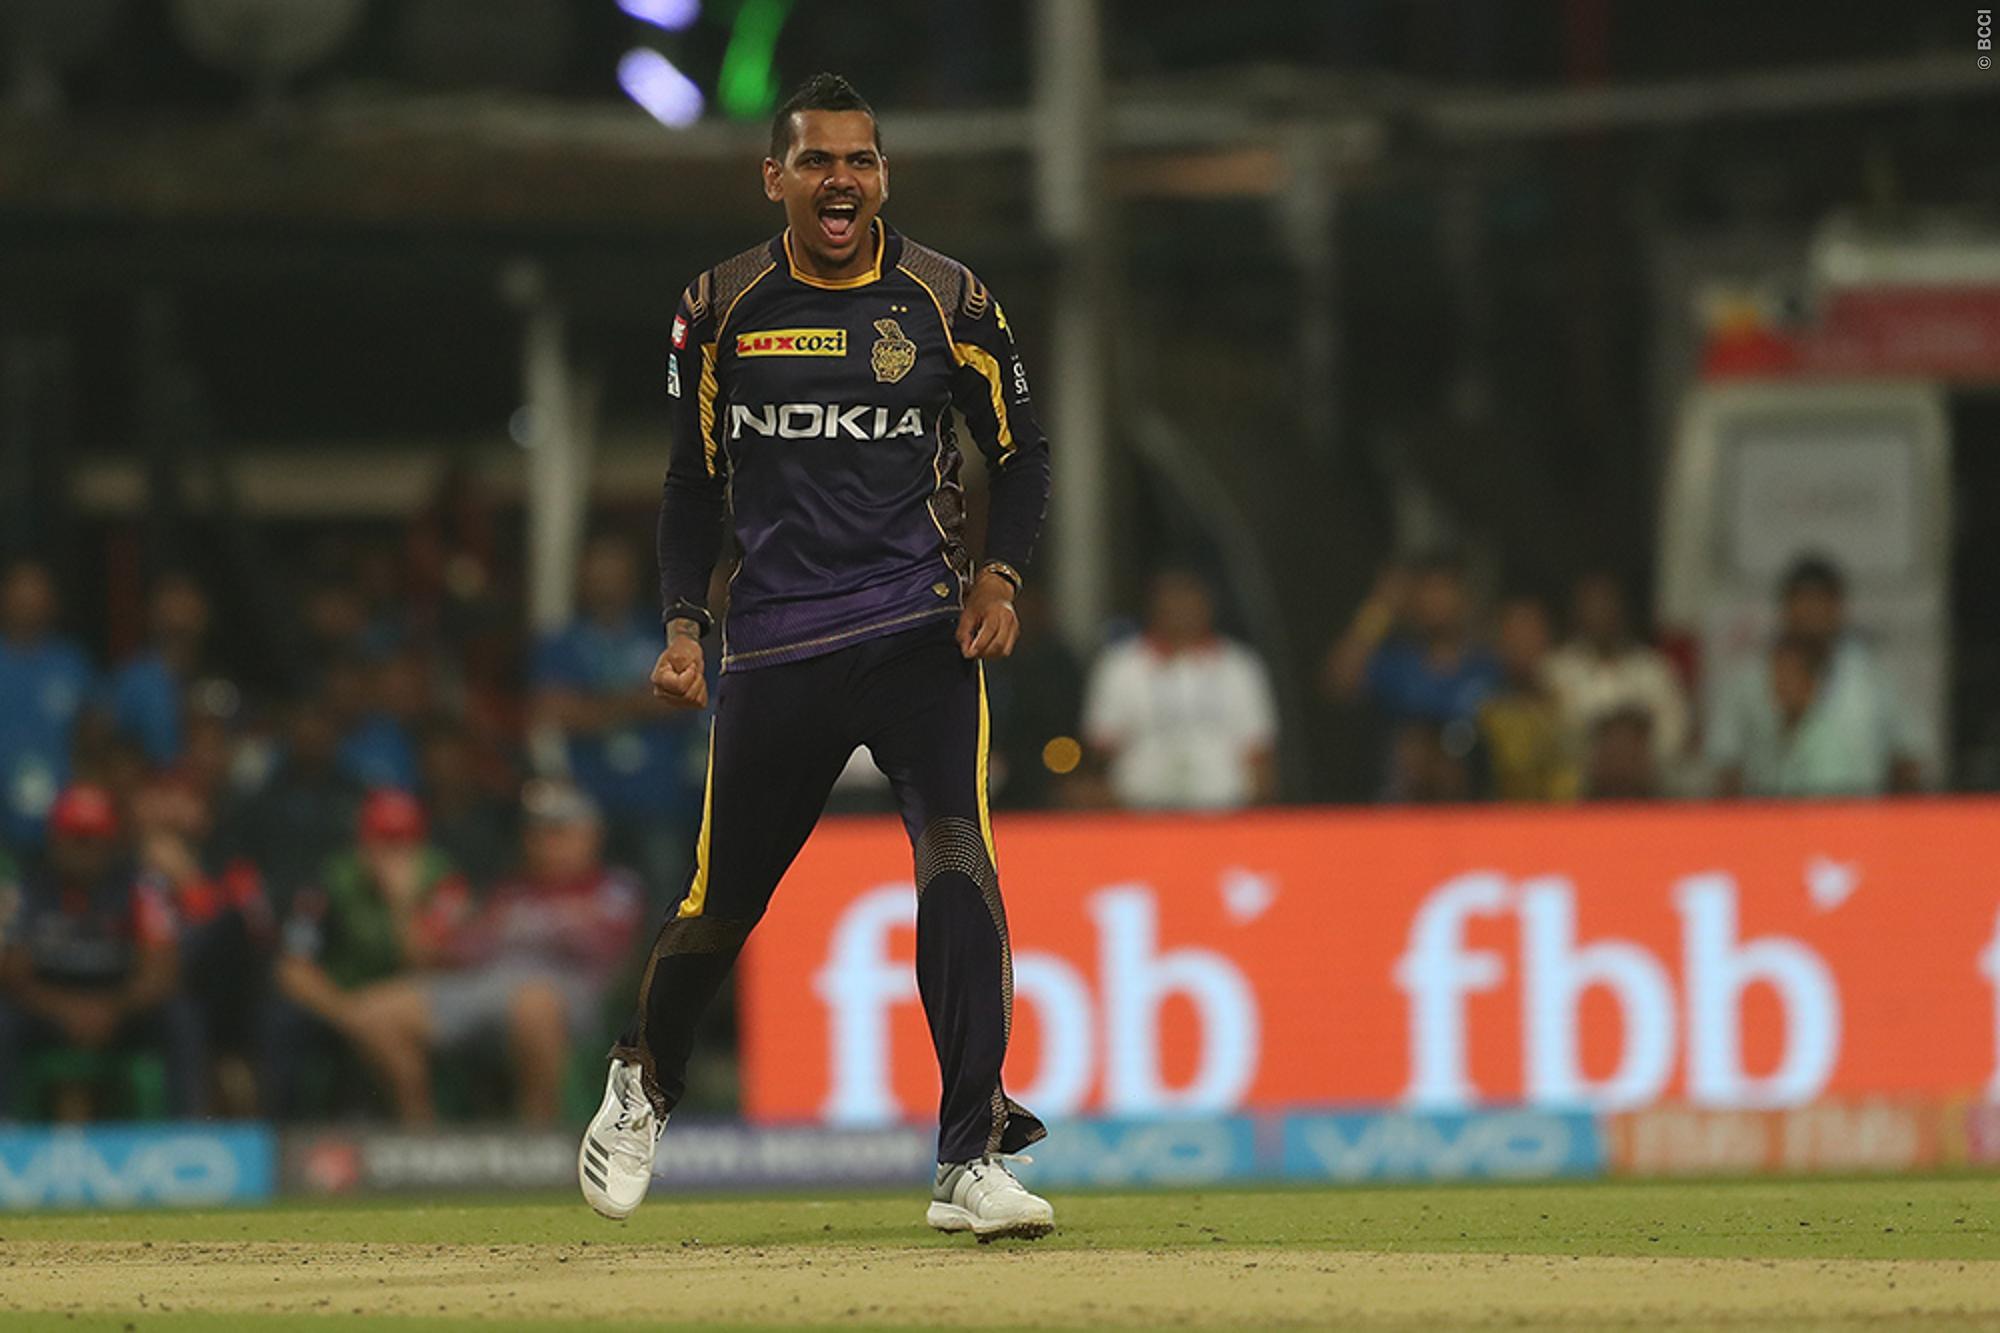 RECORD: आईपीएल इतिहास के वो खिलाड़ी जिन्होंने बनाये 300 से ज्यादा रन और लिए 15 से अधिक विकेट 17